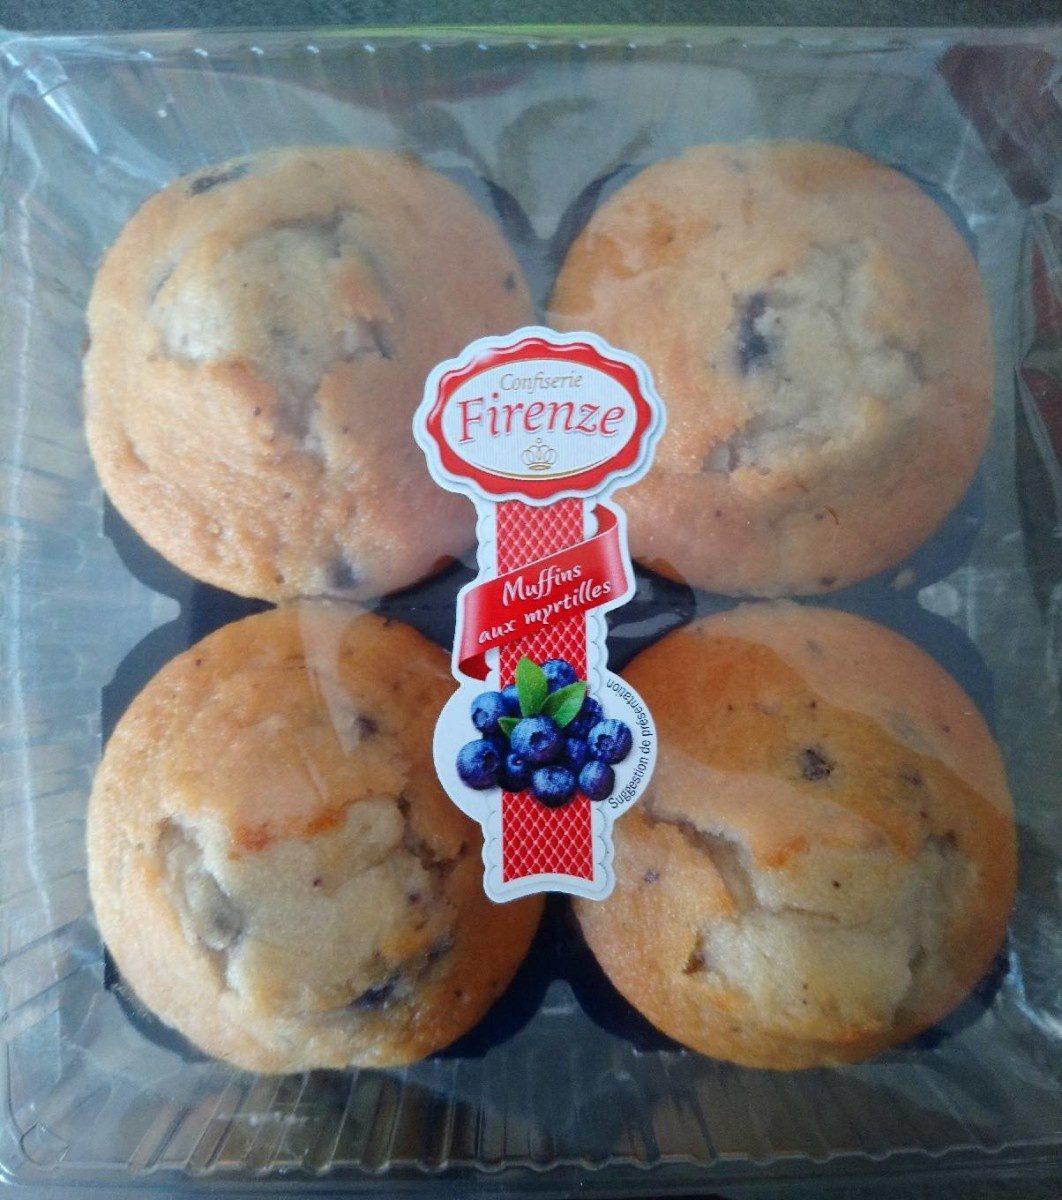 Muffins aux myrtilles - Ingrédients - fr